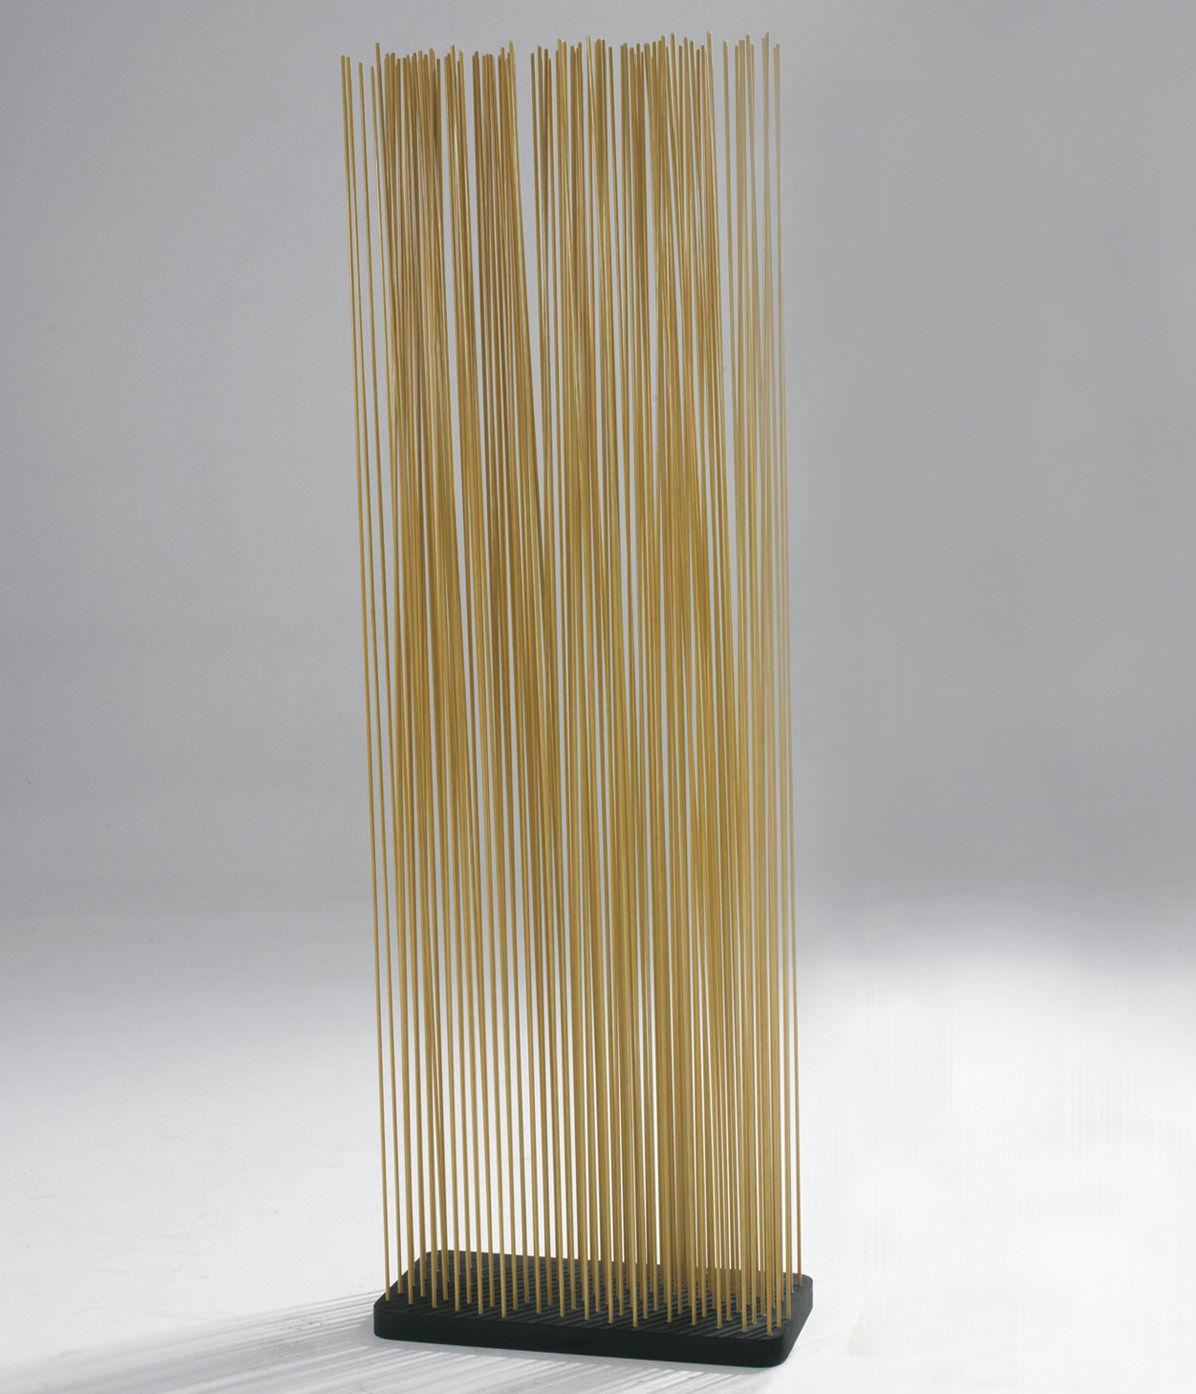 Mobilier - Paravents, séparations - Paravent Sticks / L 60 x H 180 cm - Intérieur & extérieur - Extremis - Naturel - Caoutchouc recyclé, Fibre de verre renforcée